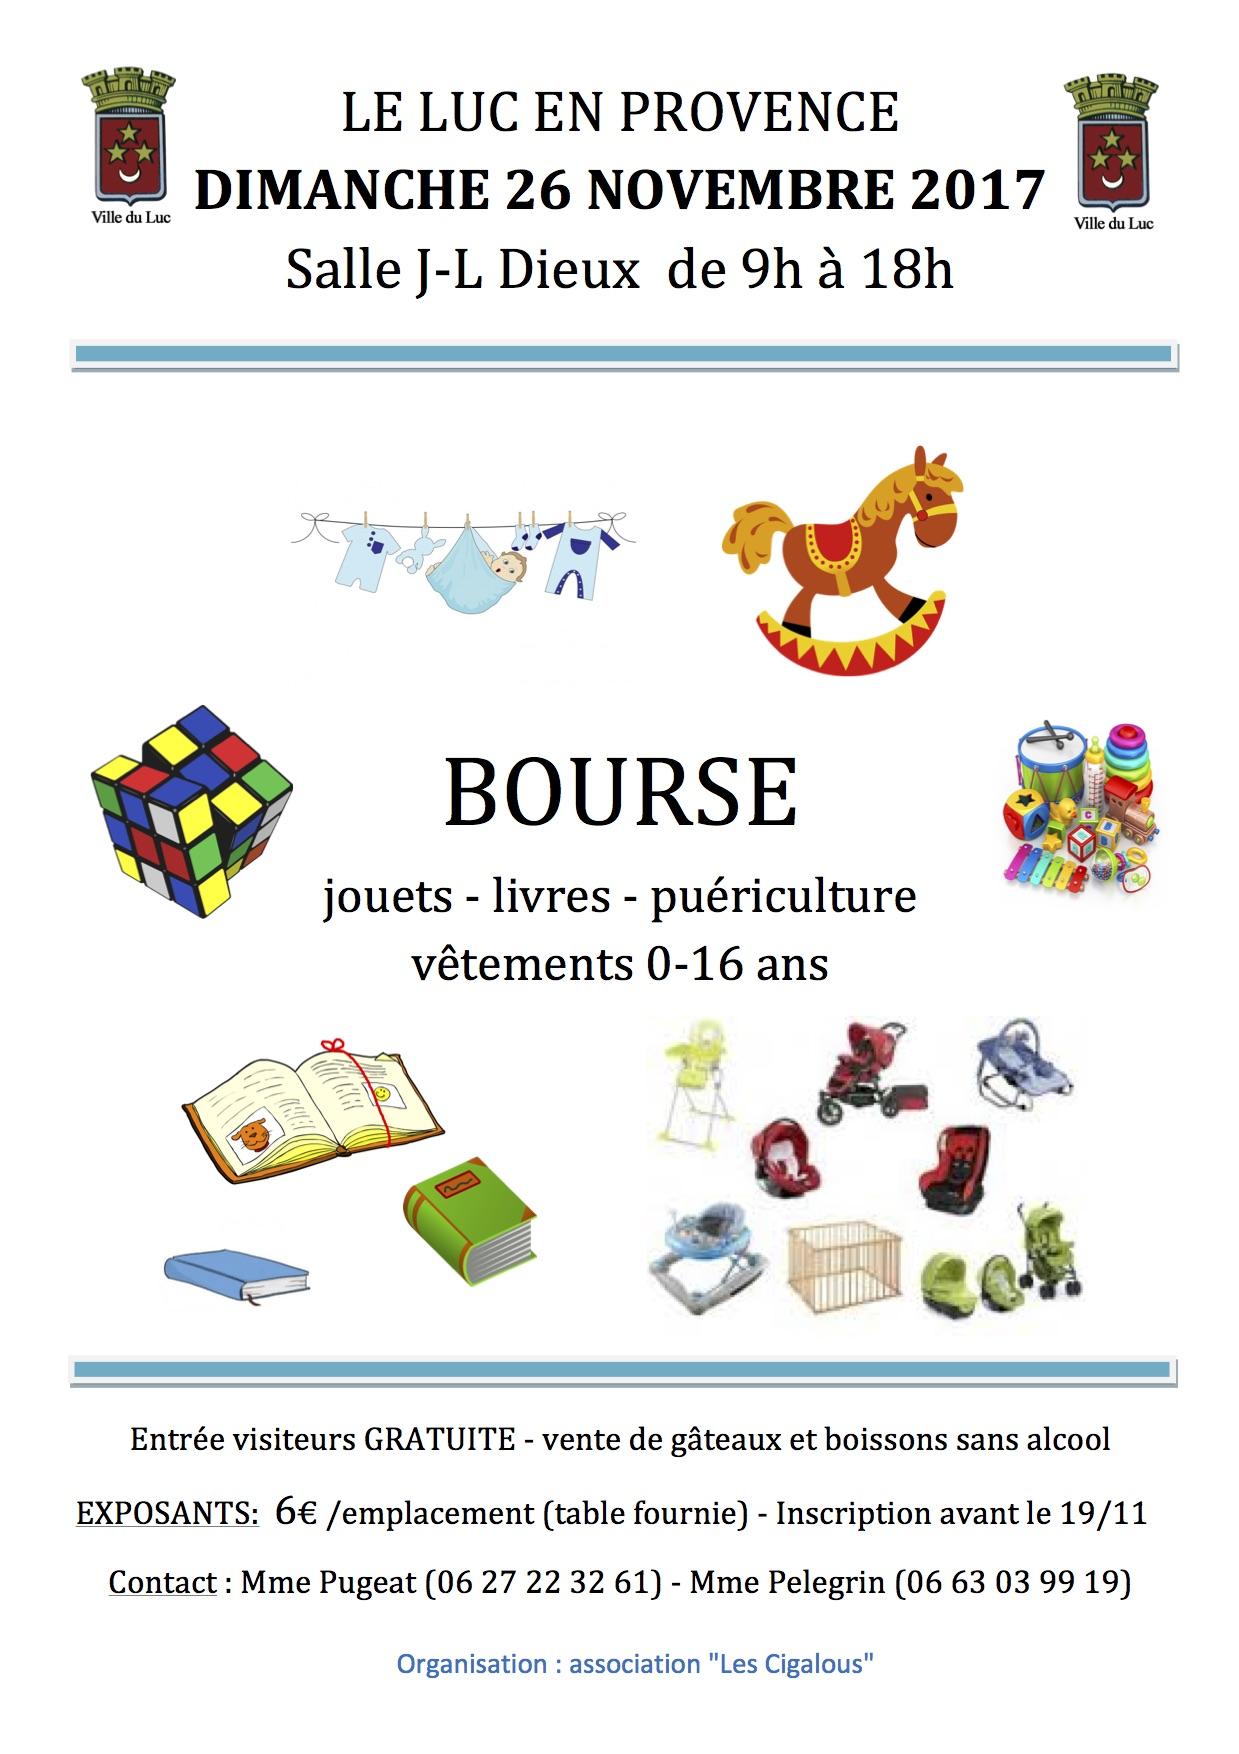 Dimanche 26 novembre, Bourse aux jouets,livres, puériculture, vêtements